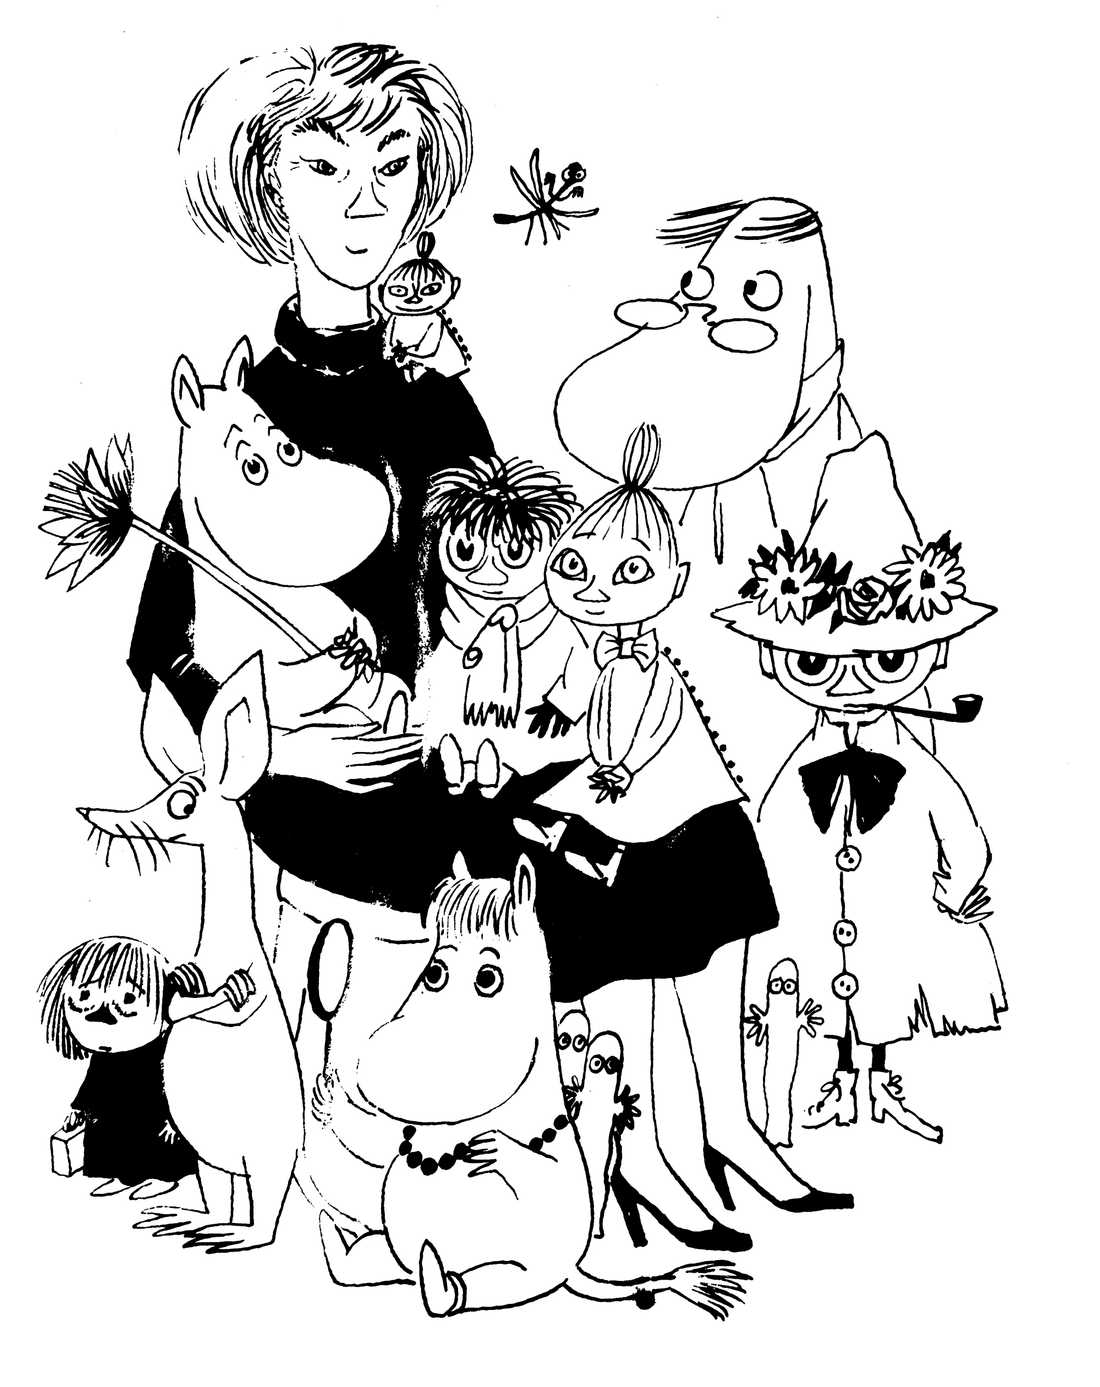 Självporträtt av Tove Jansson mitt bland hennes karaktärer.